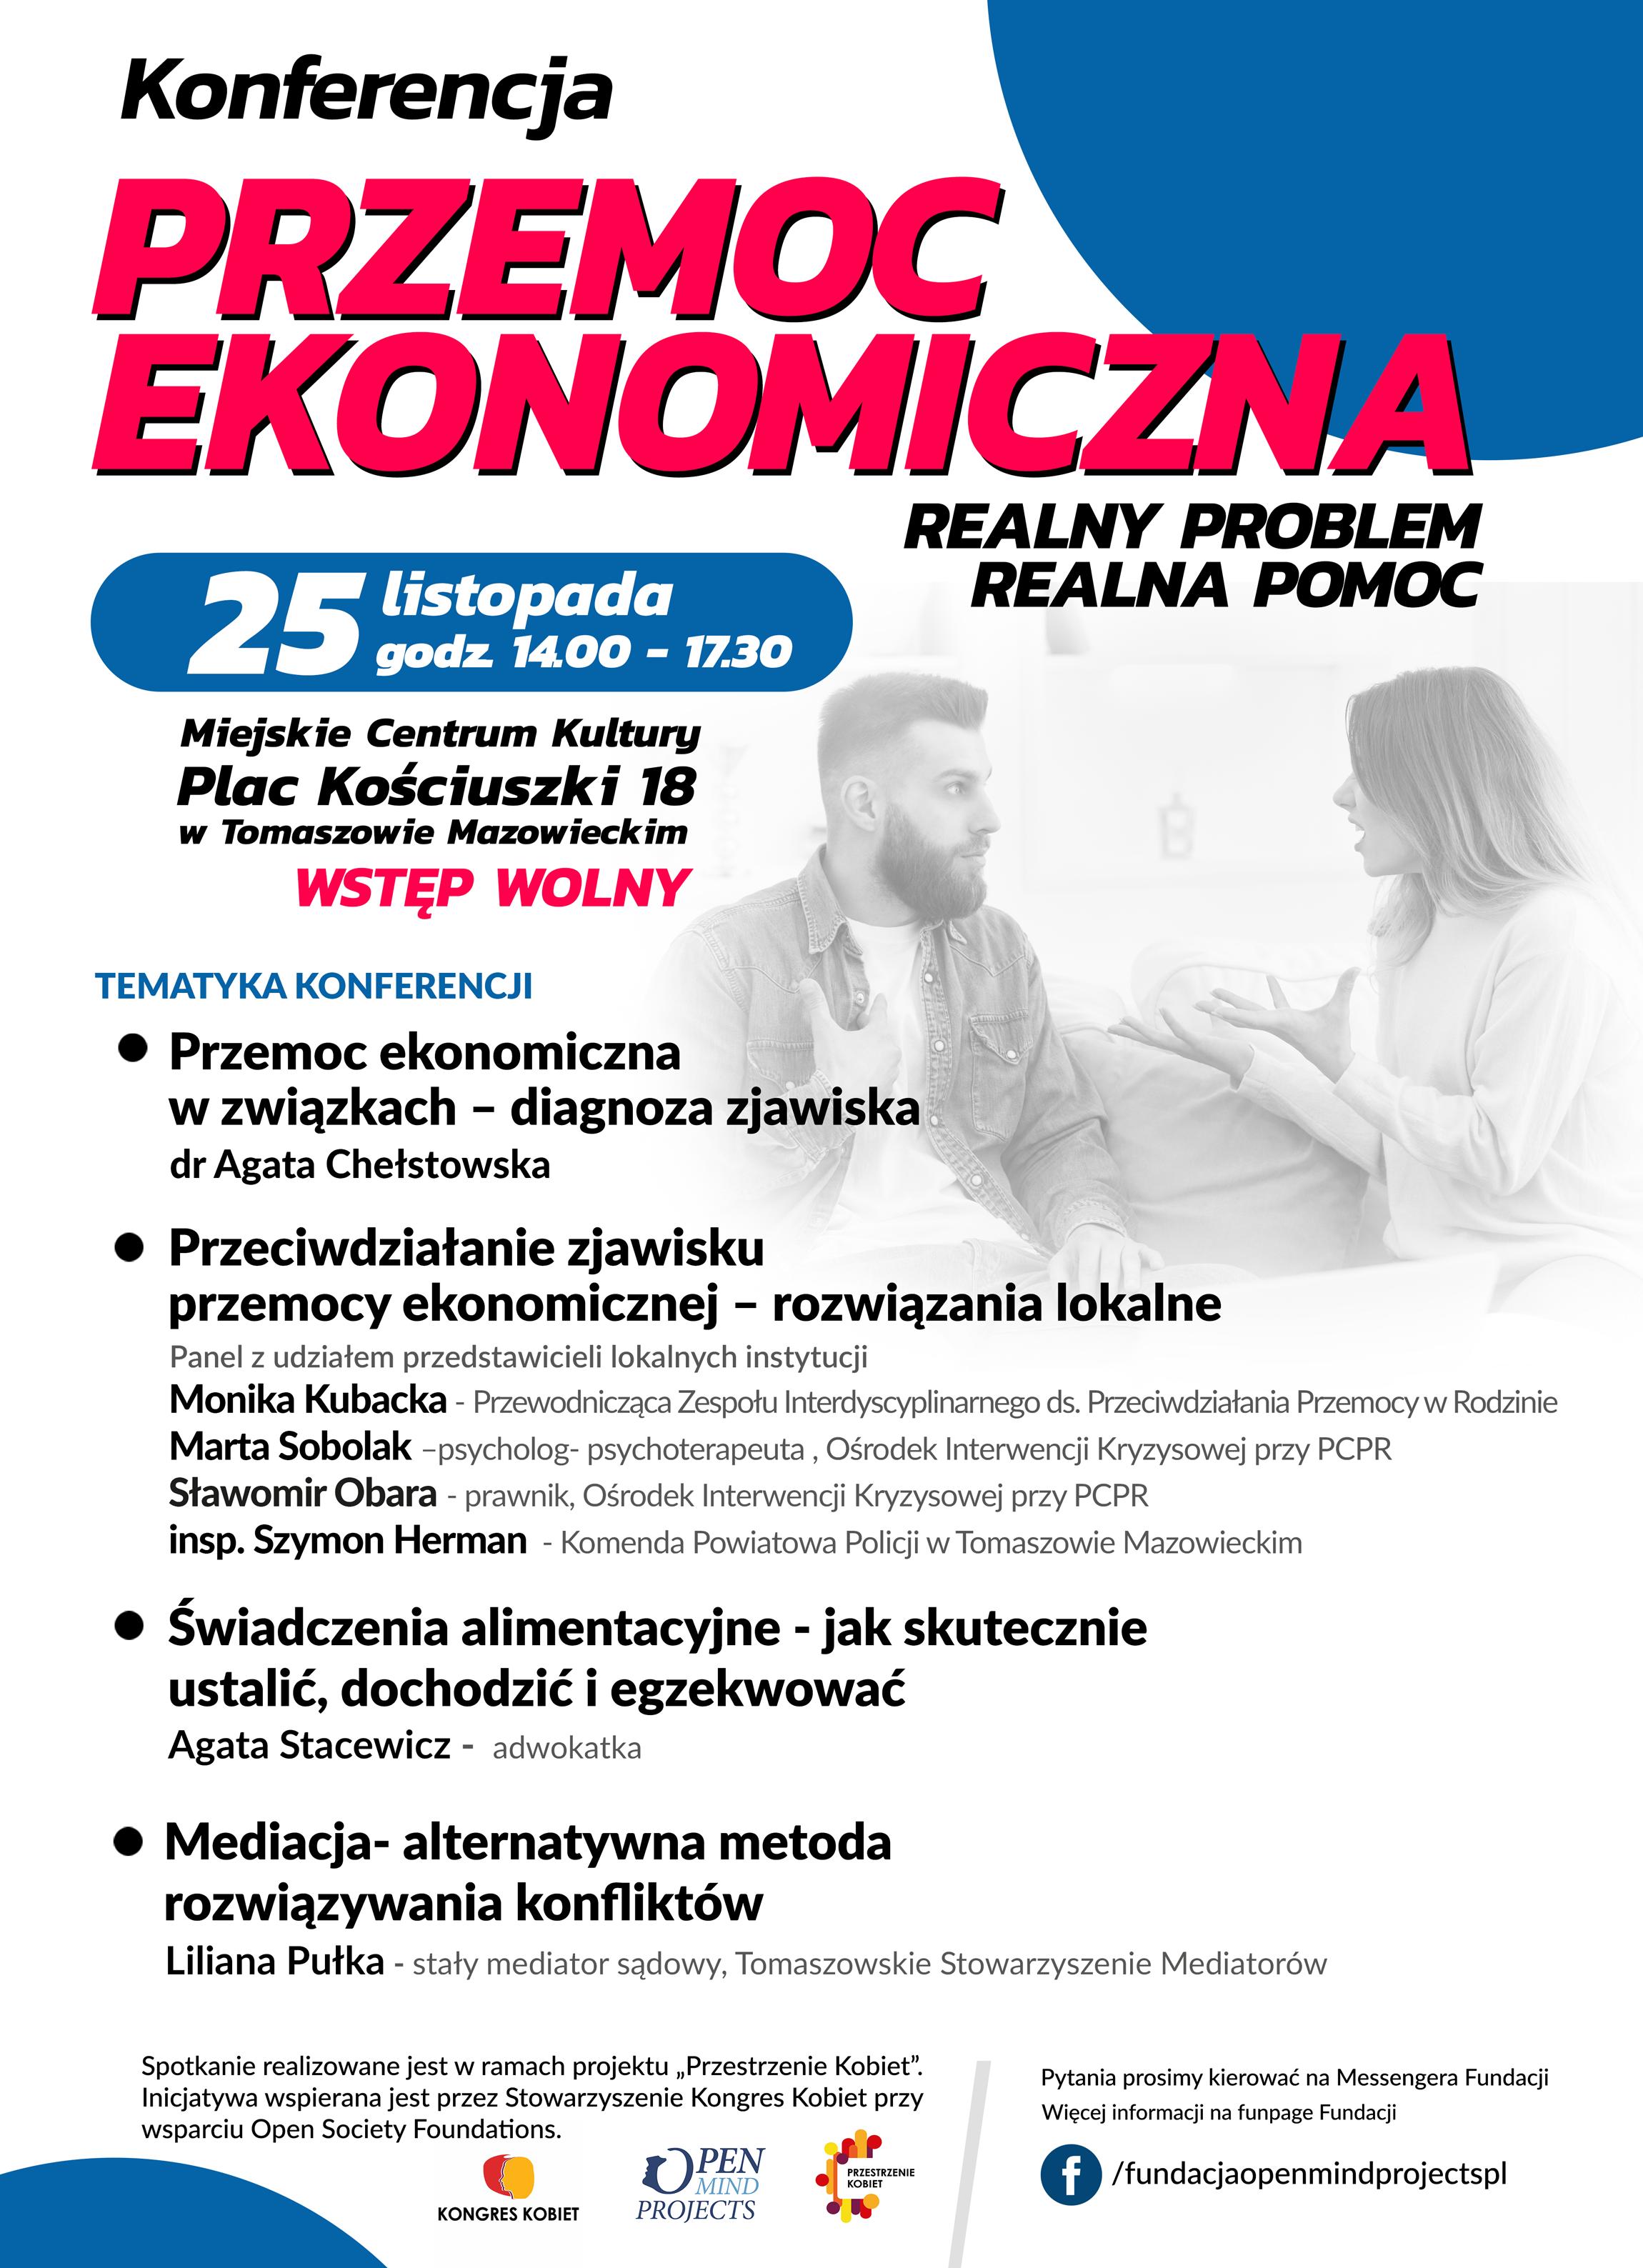 Plakat konferencji przemoc ekonomiczna 25 listopada 2019